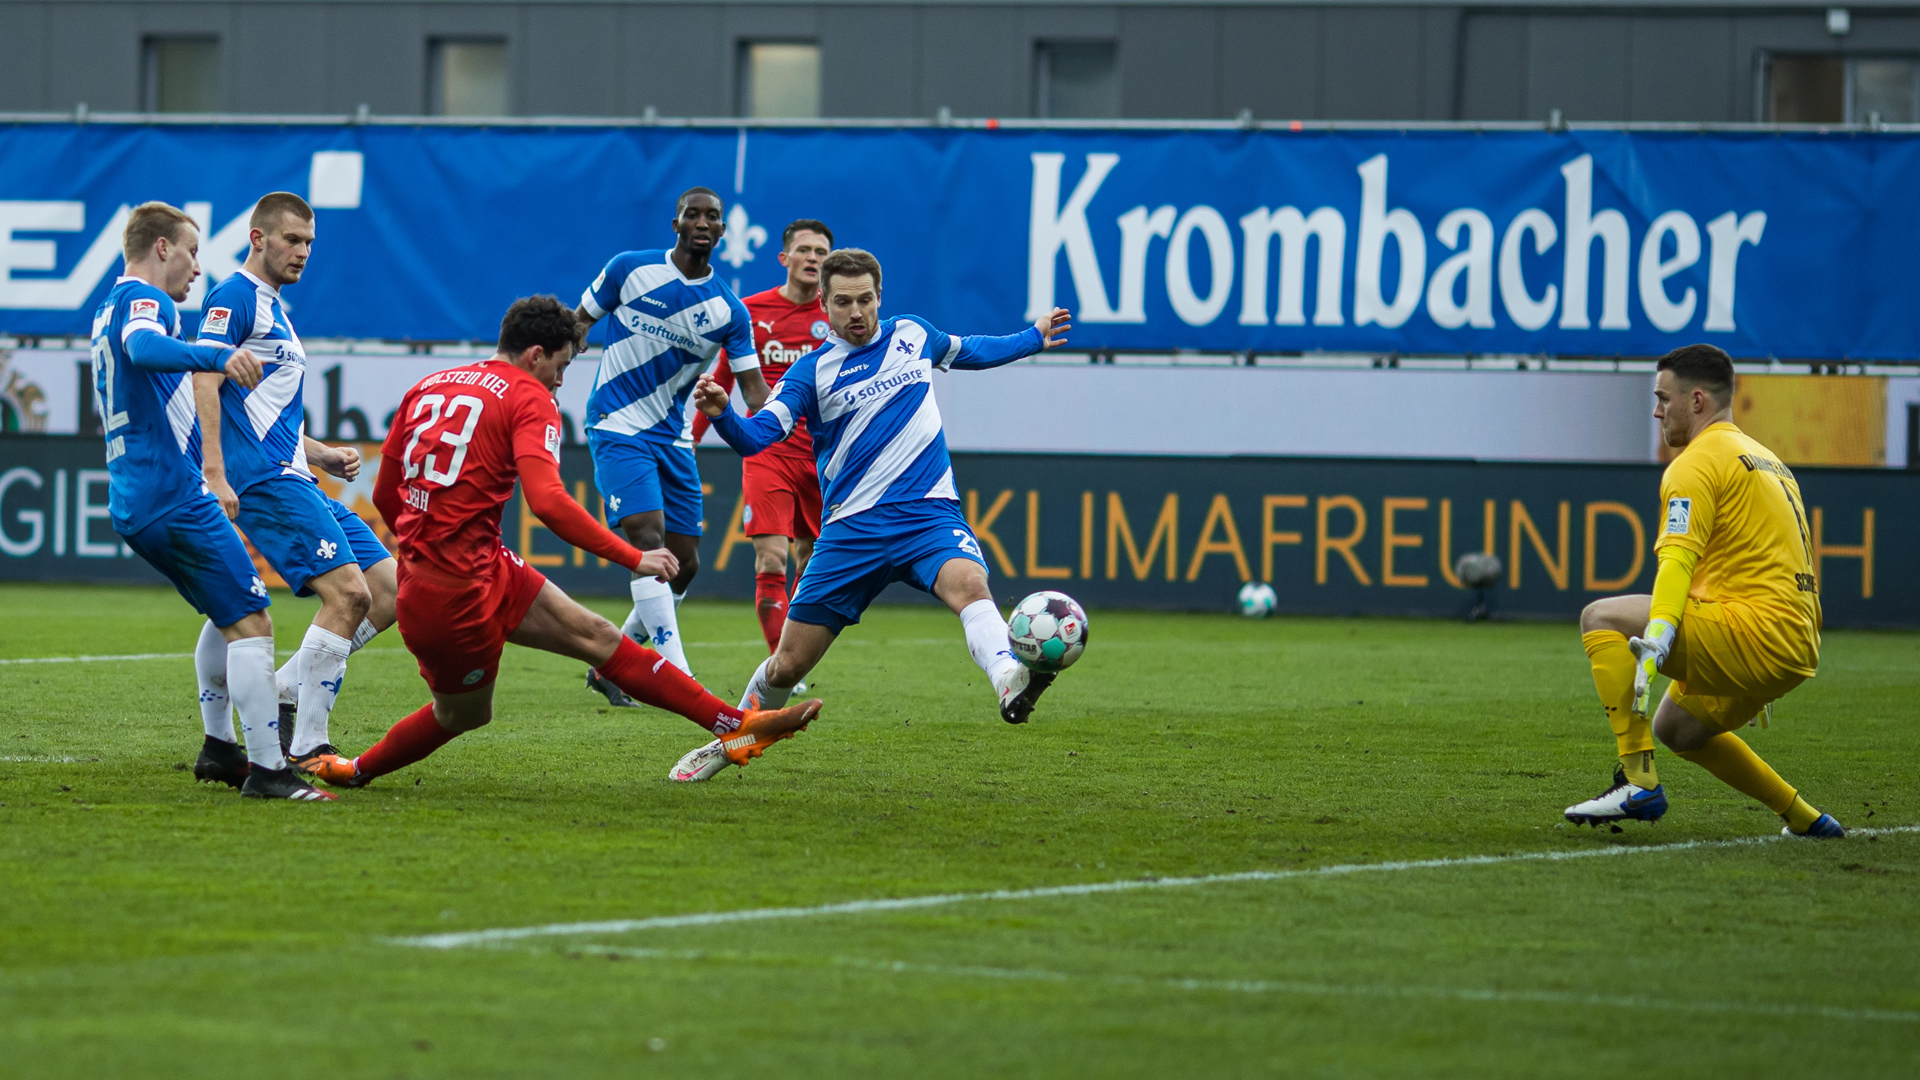 https www goal com de meldungen holstein kiel darmstadt 98 heute live achtelfinale dfb pokal 1ef8h35pfkrg01cc1ck8l7ktyn